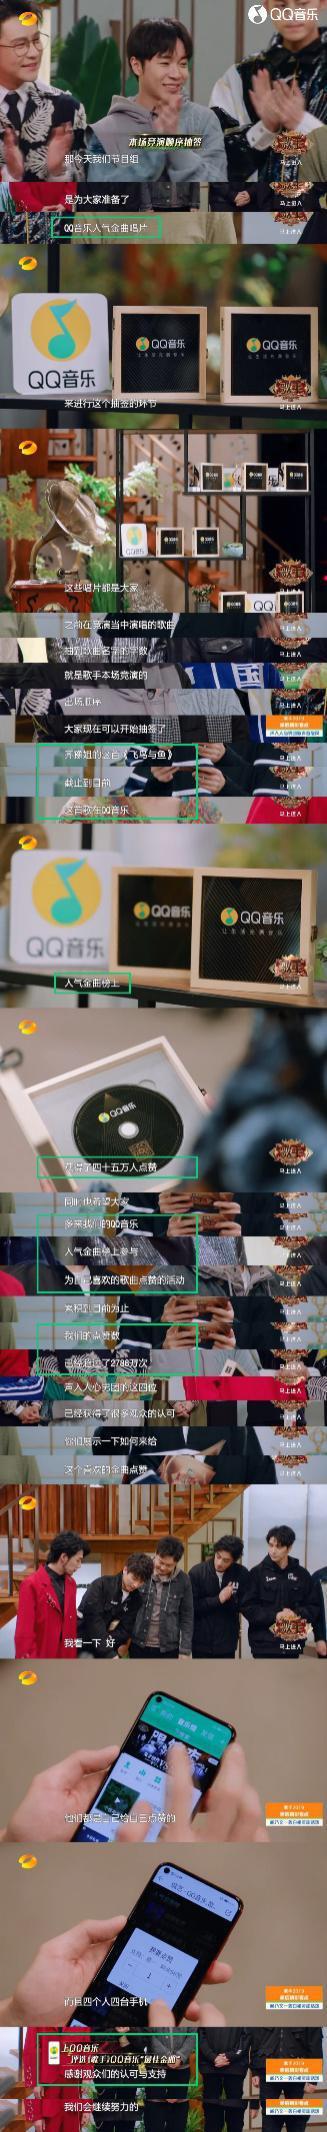 """《歌手》竞演抽签还能这么玩?QQ音乐人气金曲唱片化身""""抢镜王"""""""